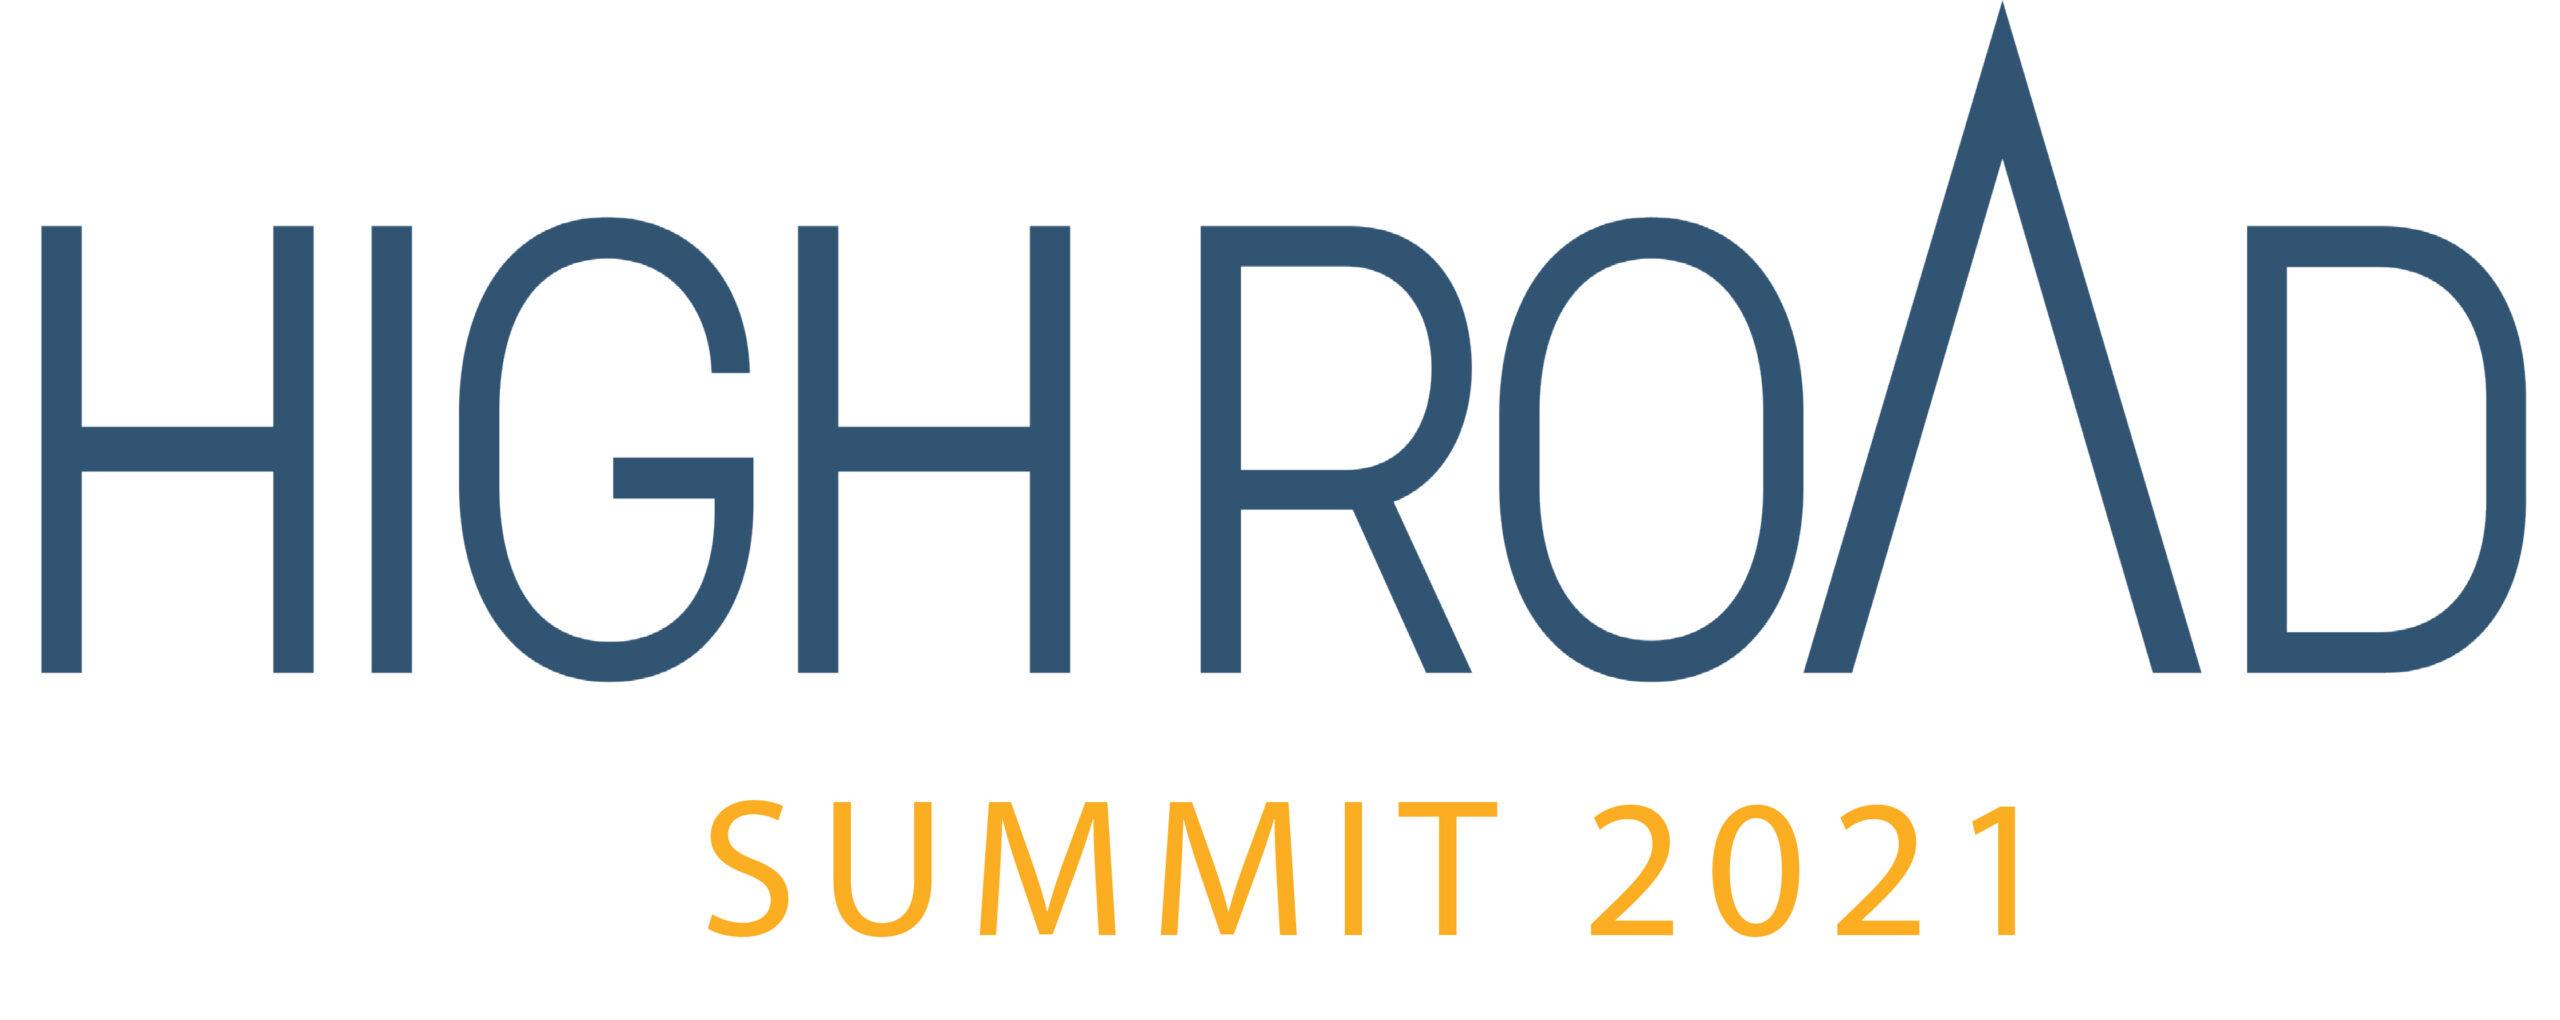 High Road Summit 2021 logo